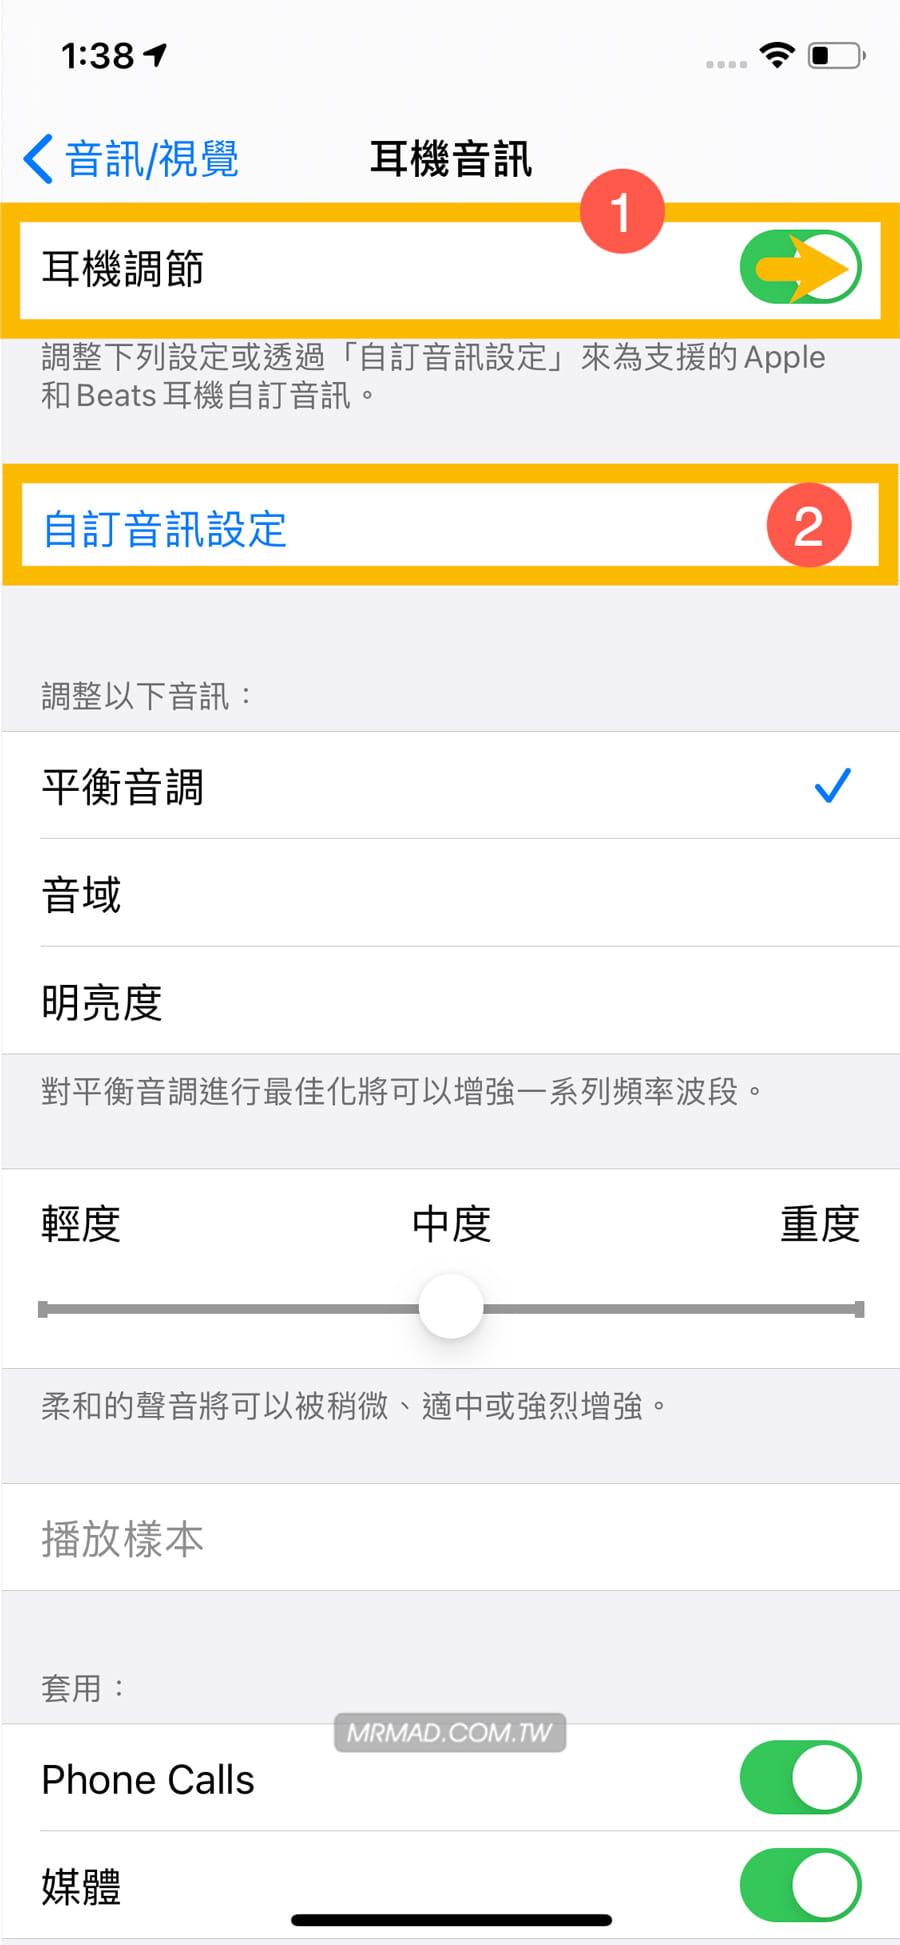 iOS 14 耳機調節:透過自訂音訊設定提升通話和音樂品質2